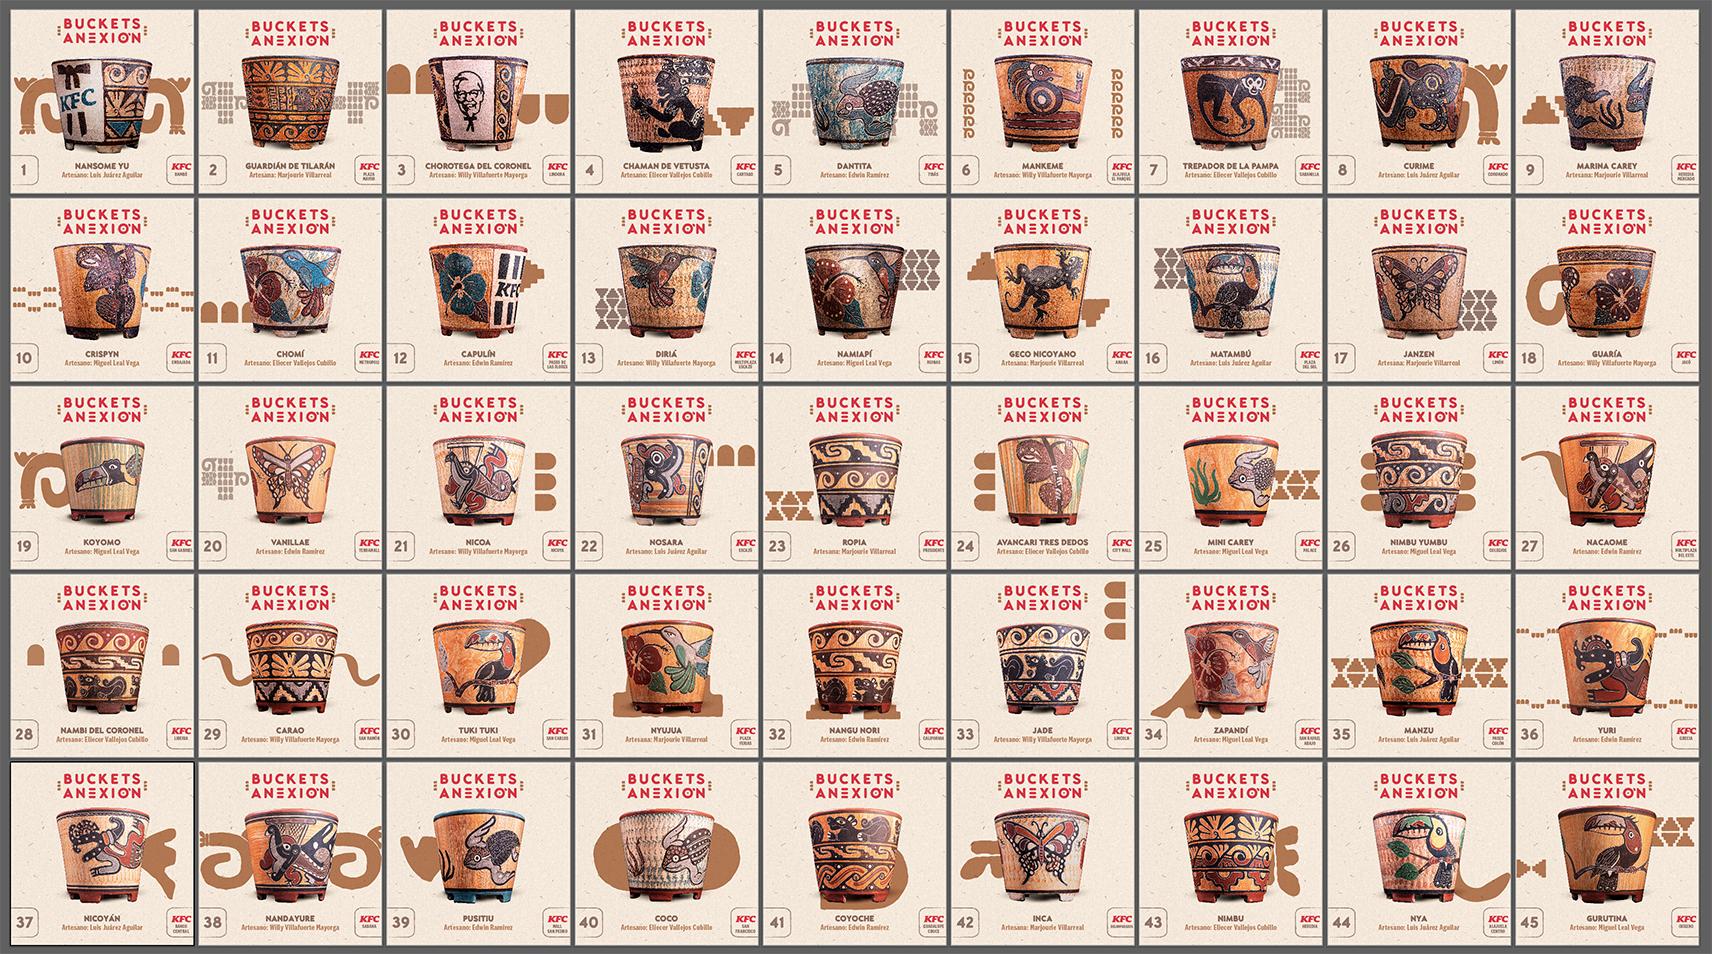 KFC Annexation Buckets